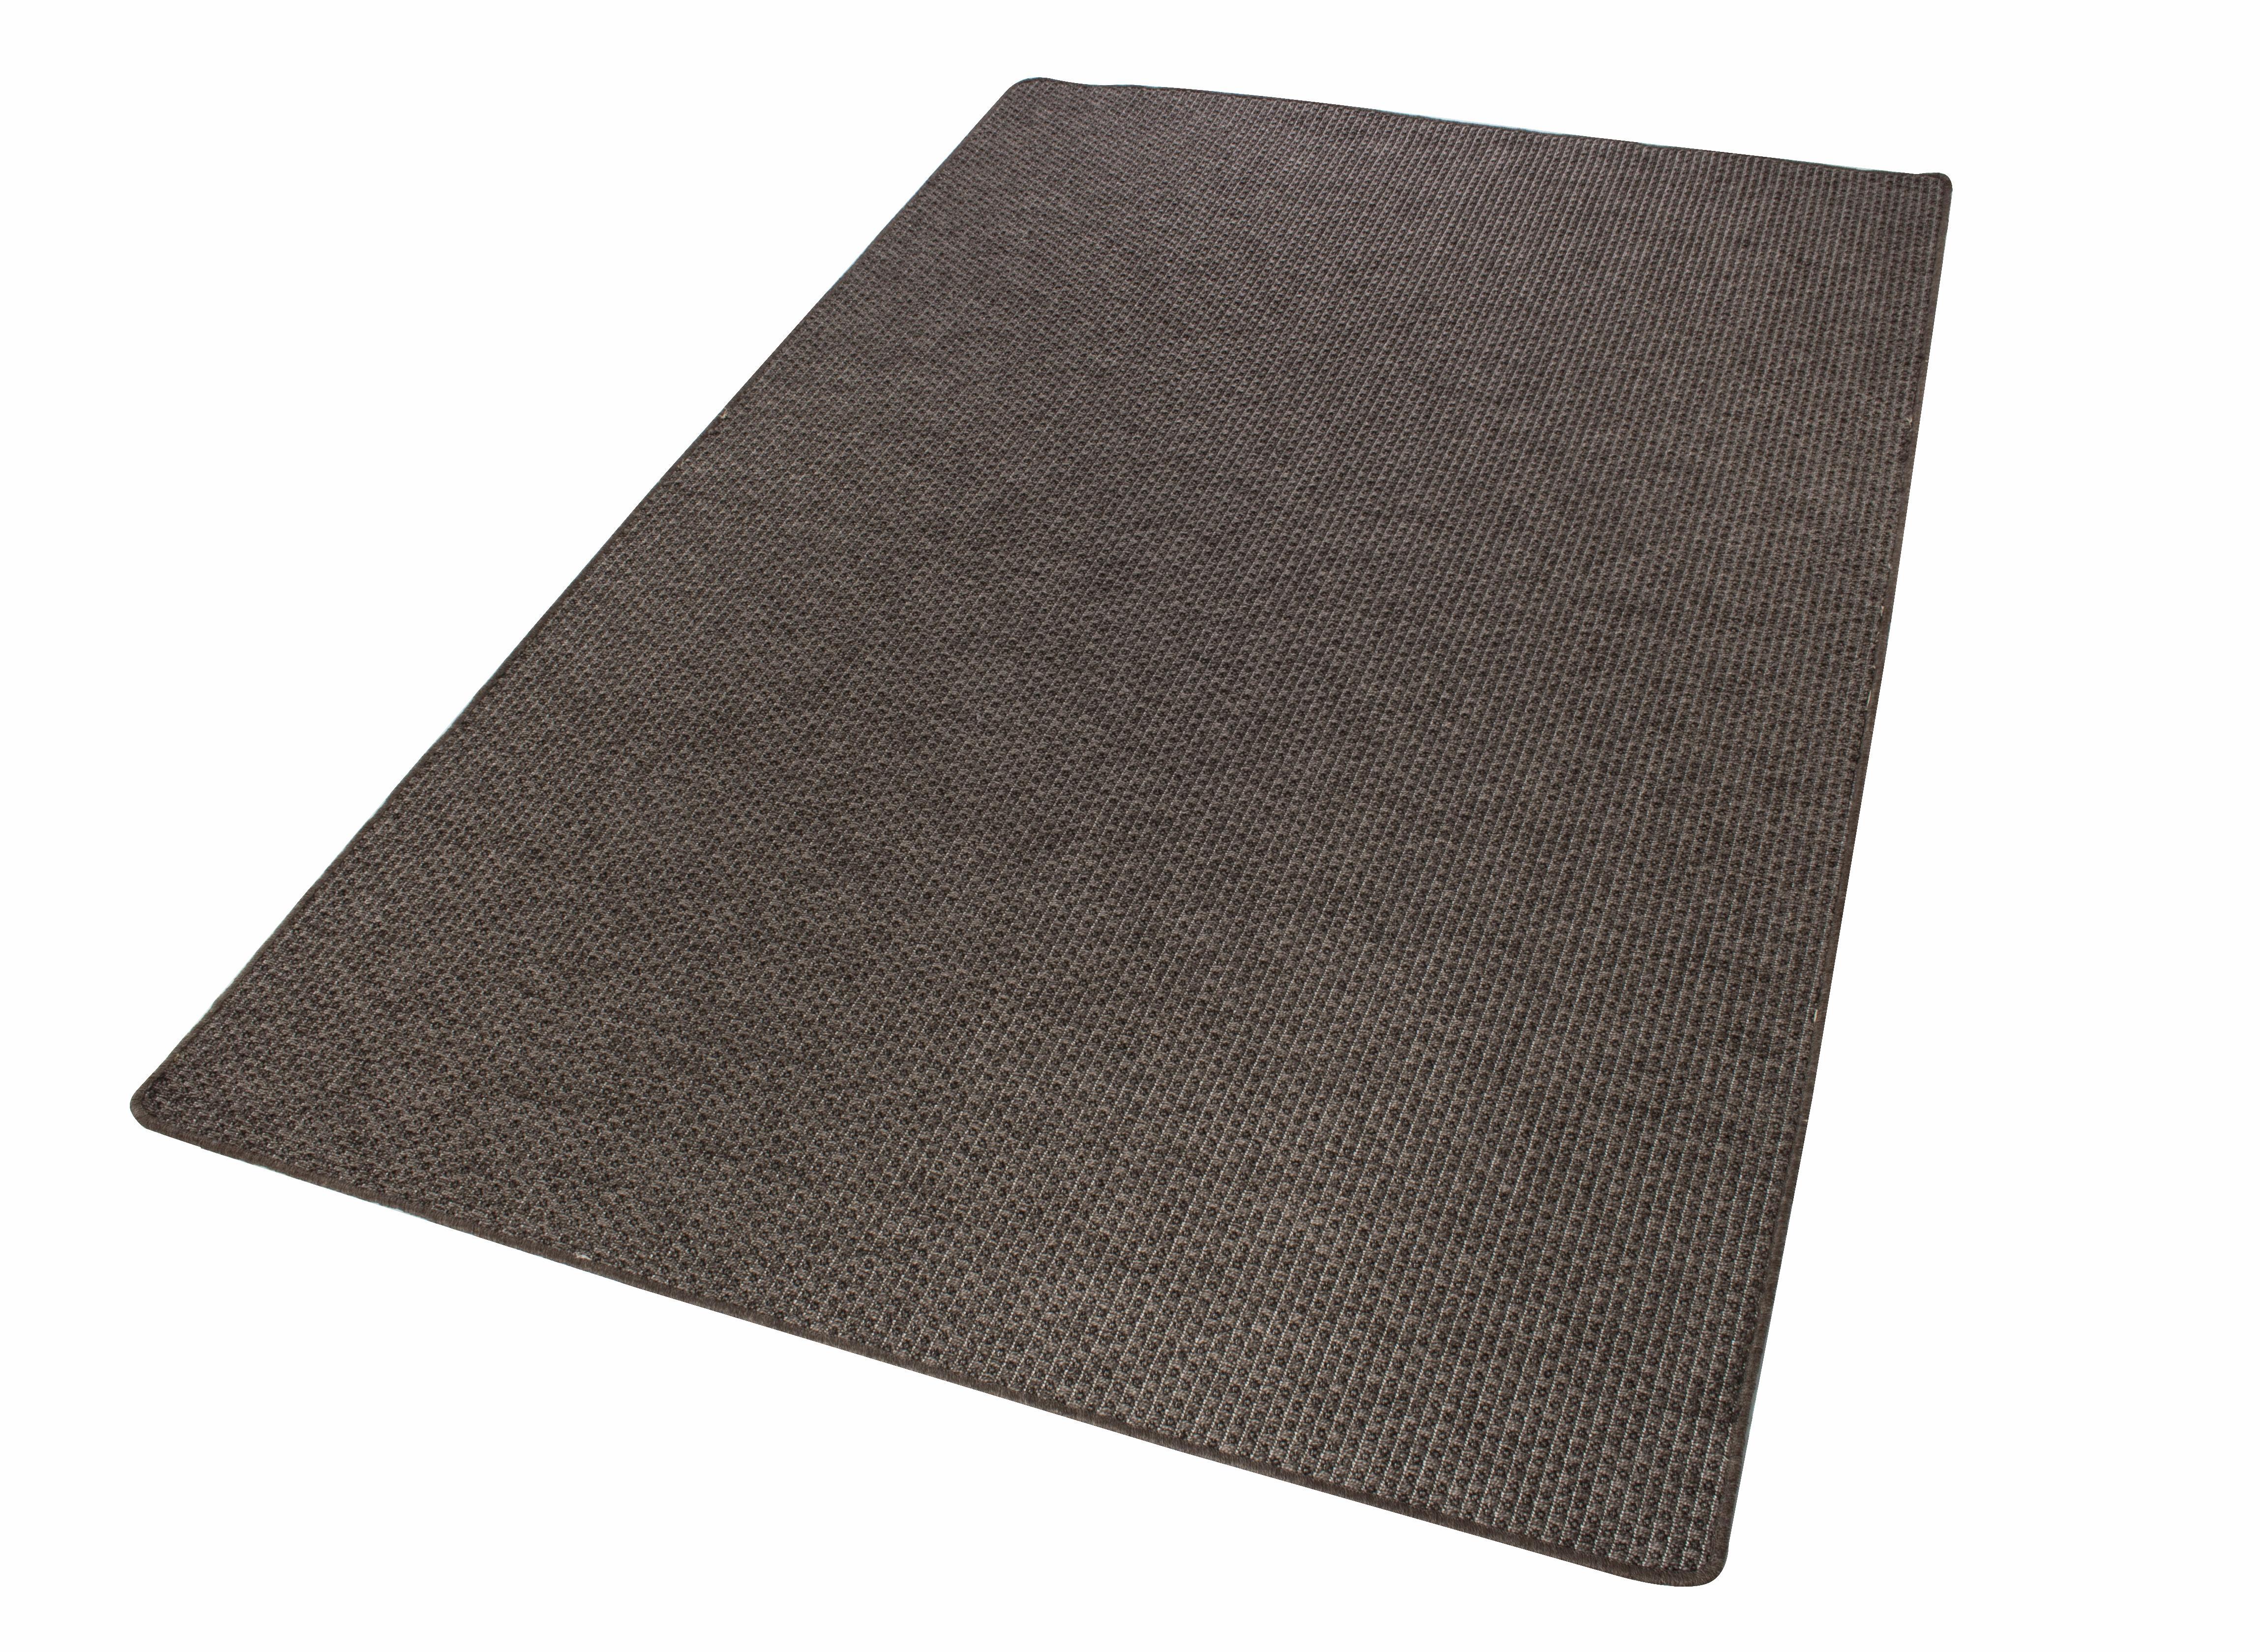 Teppich Nottingham LUXOR living rechteckig Höhe 8 mm maschinell gewebt